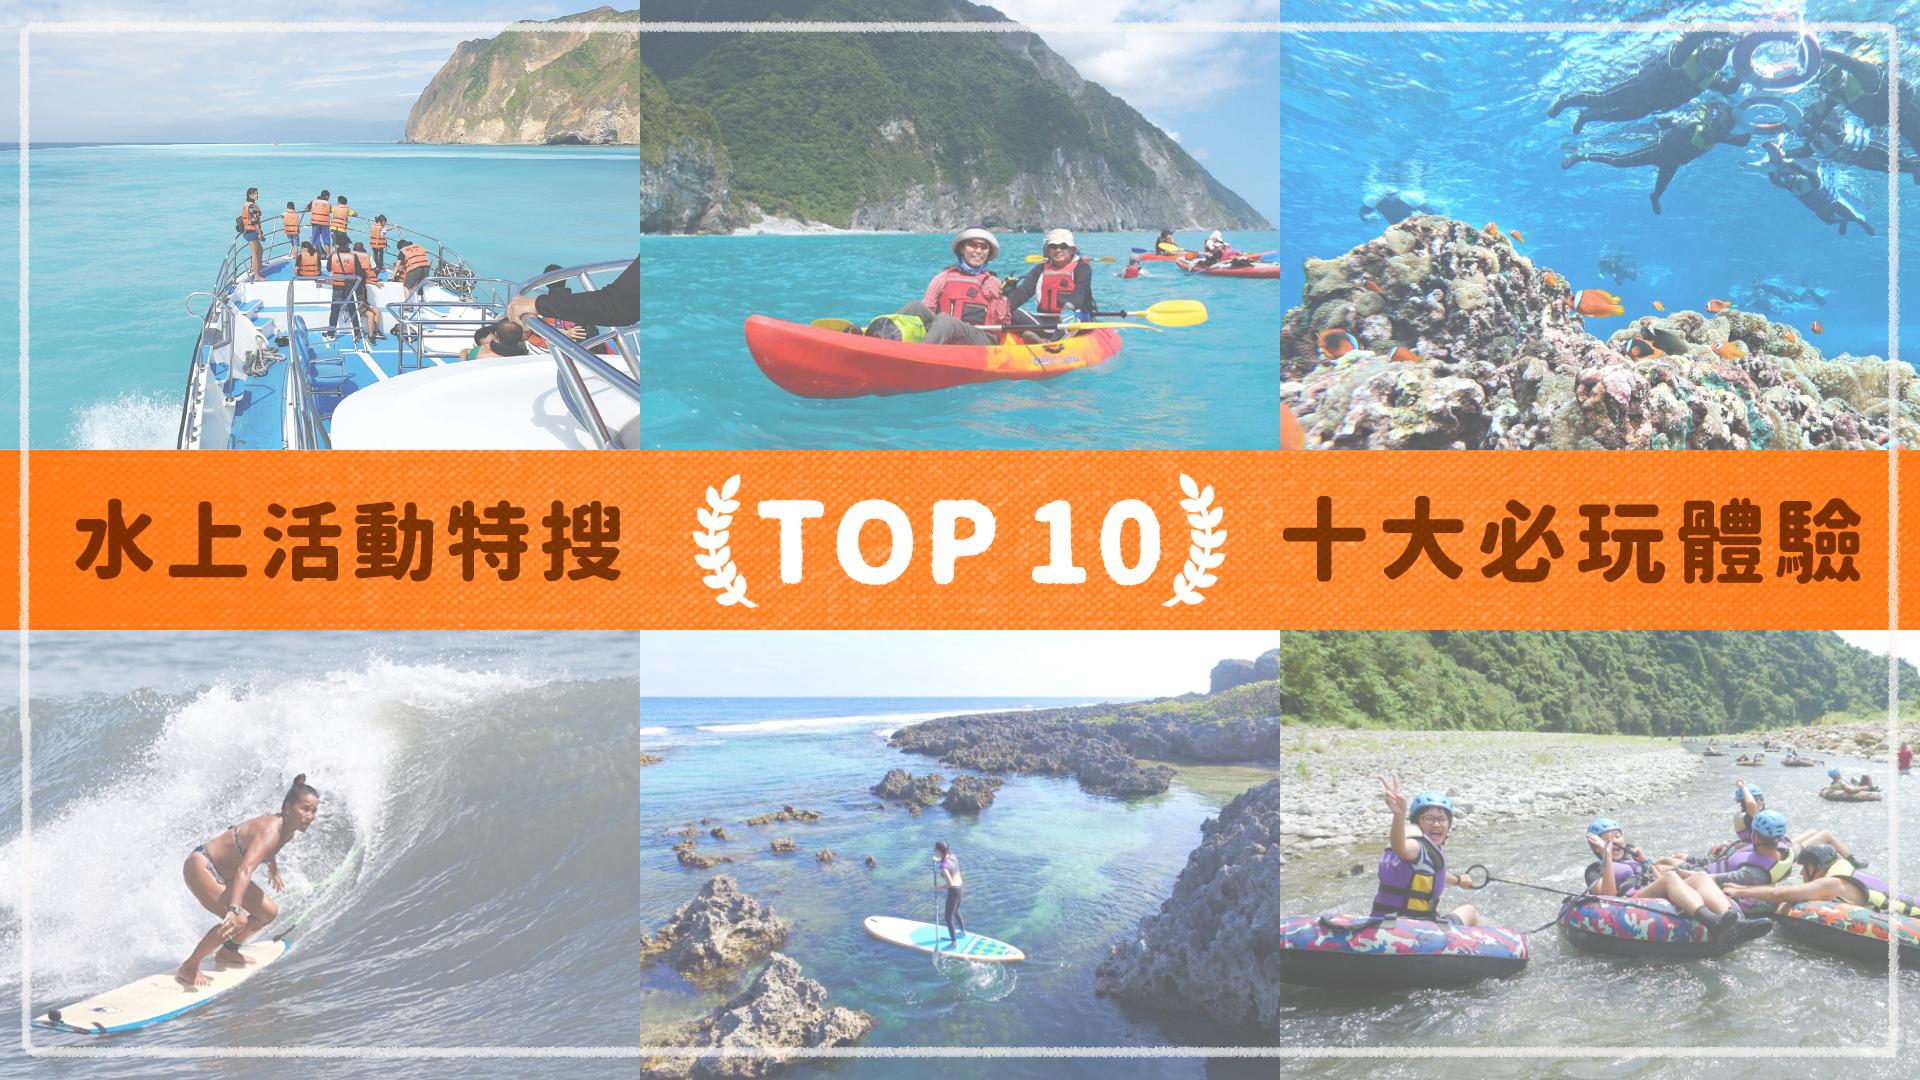 【2021水上活動推薦】SUP、獨木舟、衝浪、夜釣、溯溪…等,十大玩水體驗讓你嗨翻夏季!